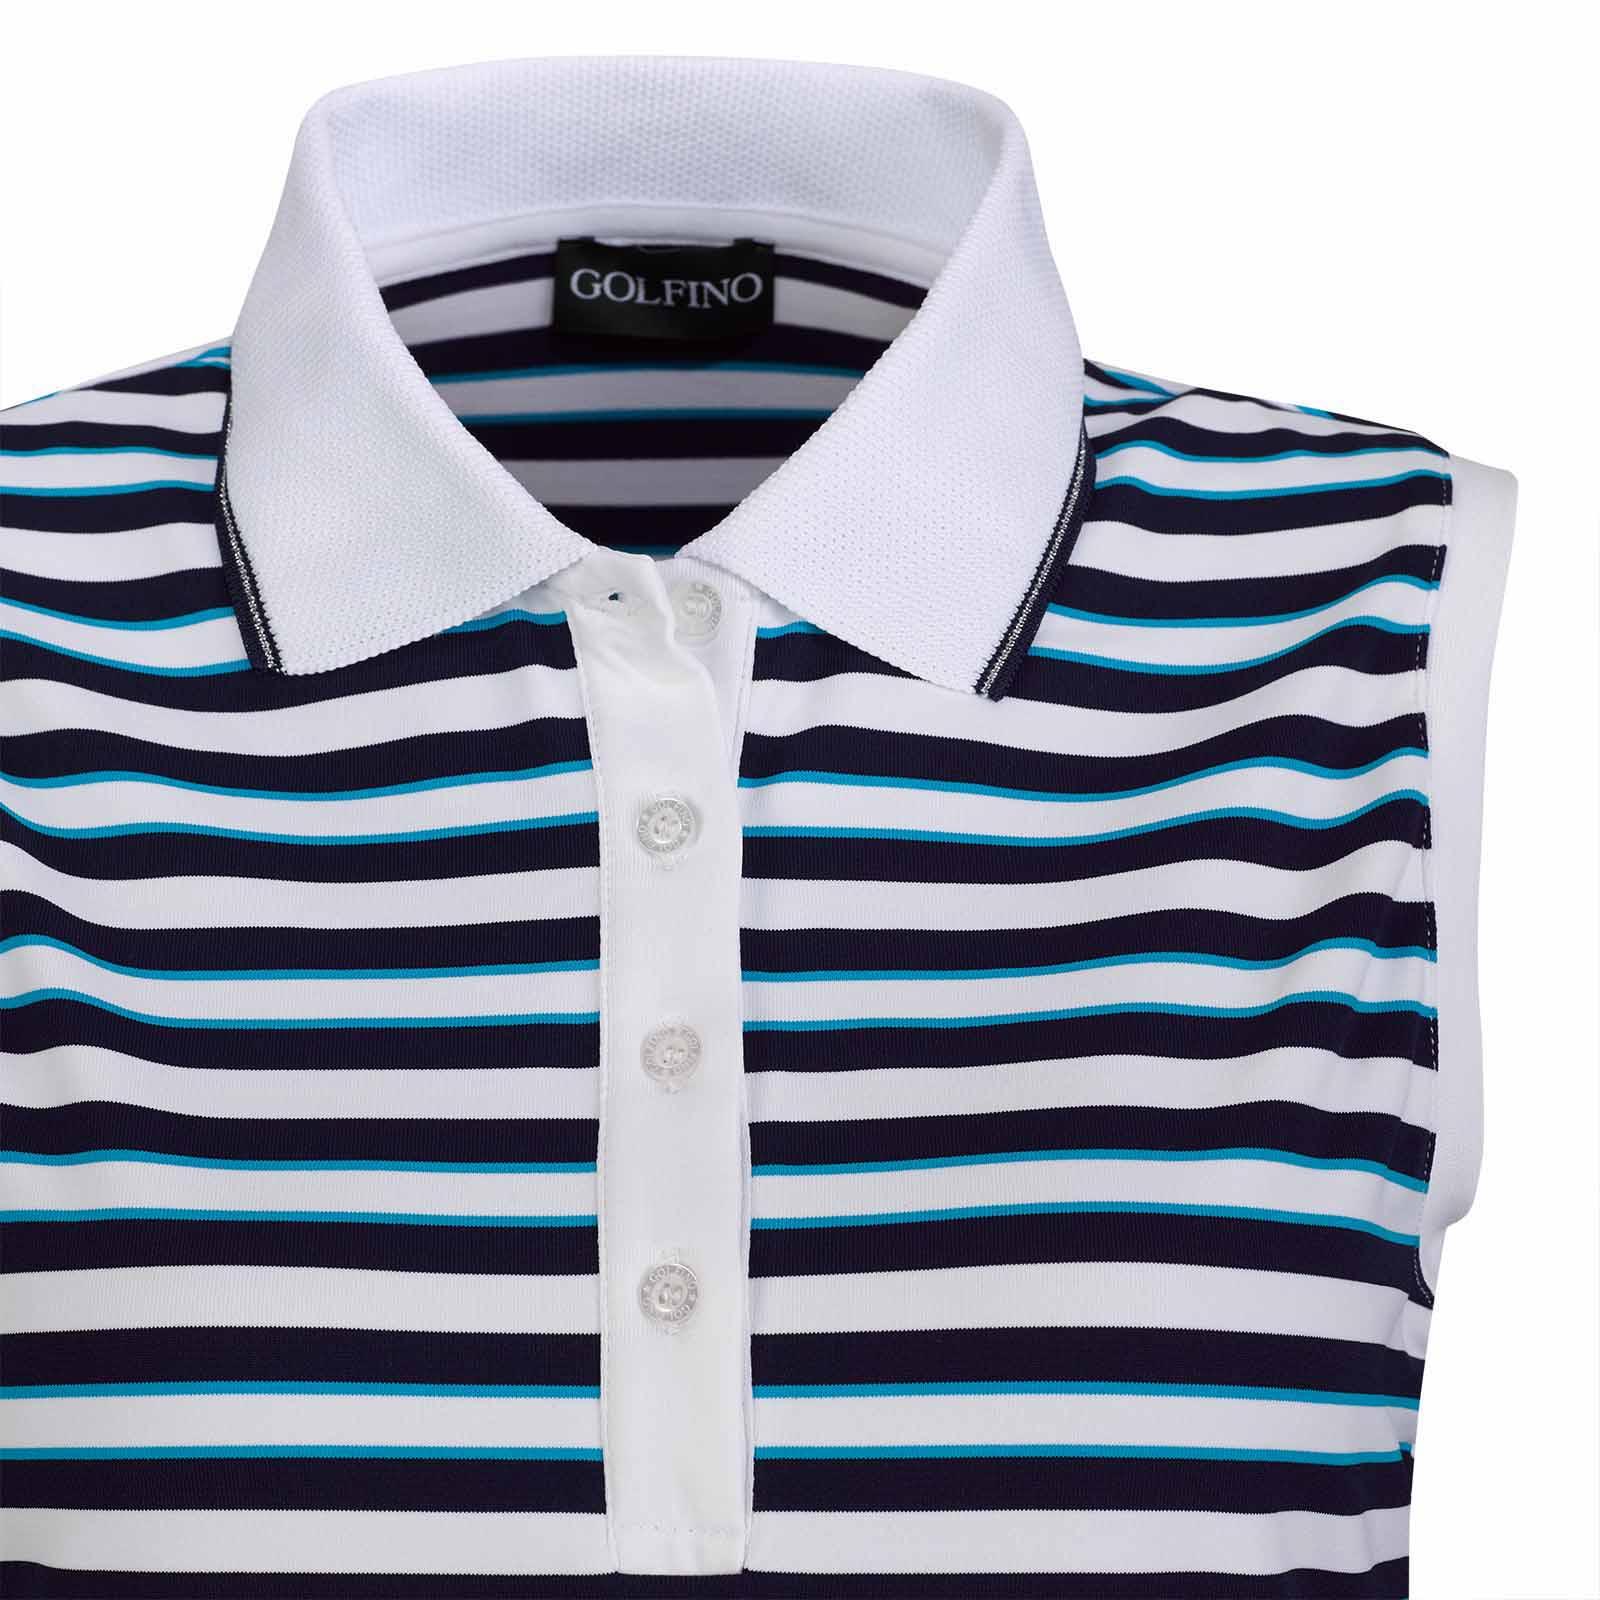 Ärmelloses Damen Streifen Poloshirt feuchtigkeitsregulierend mit Stretch Komfort